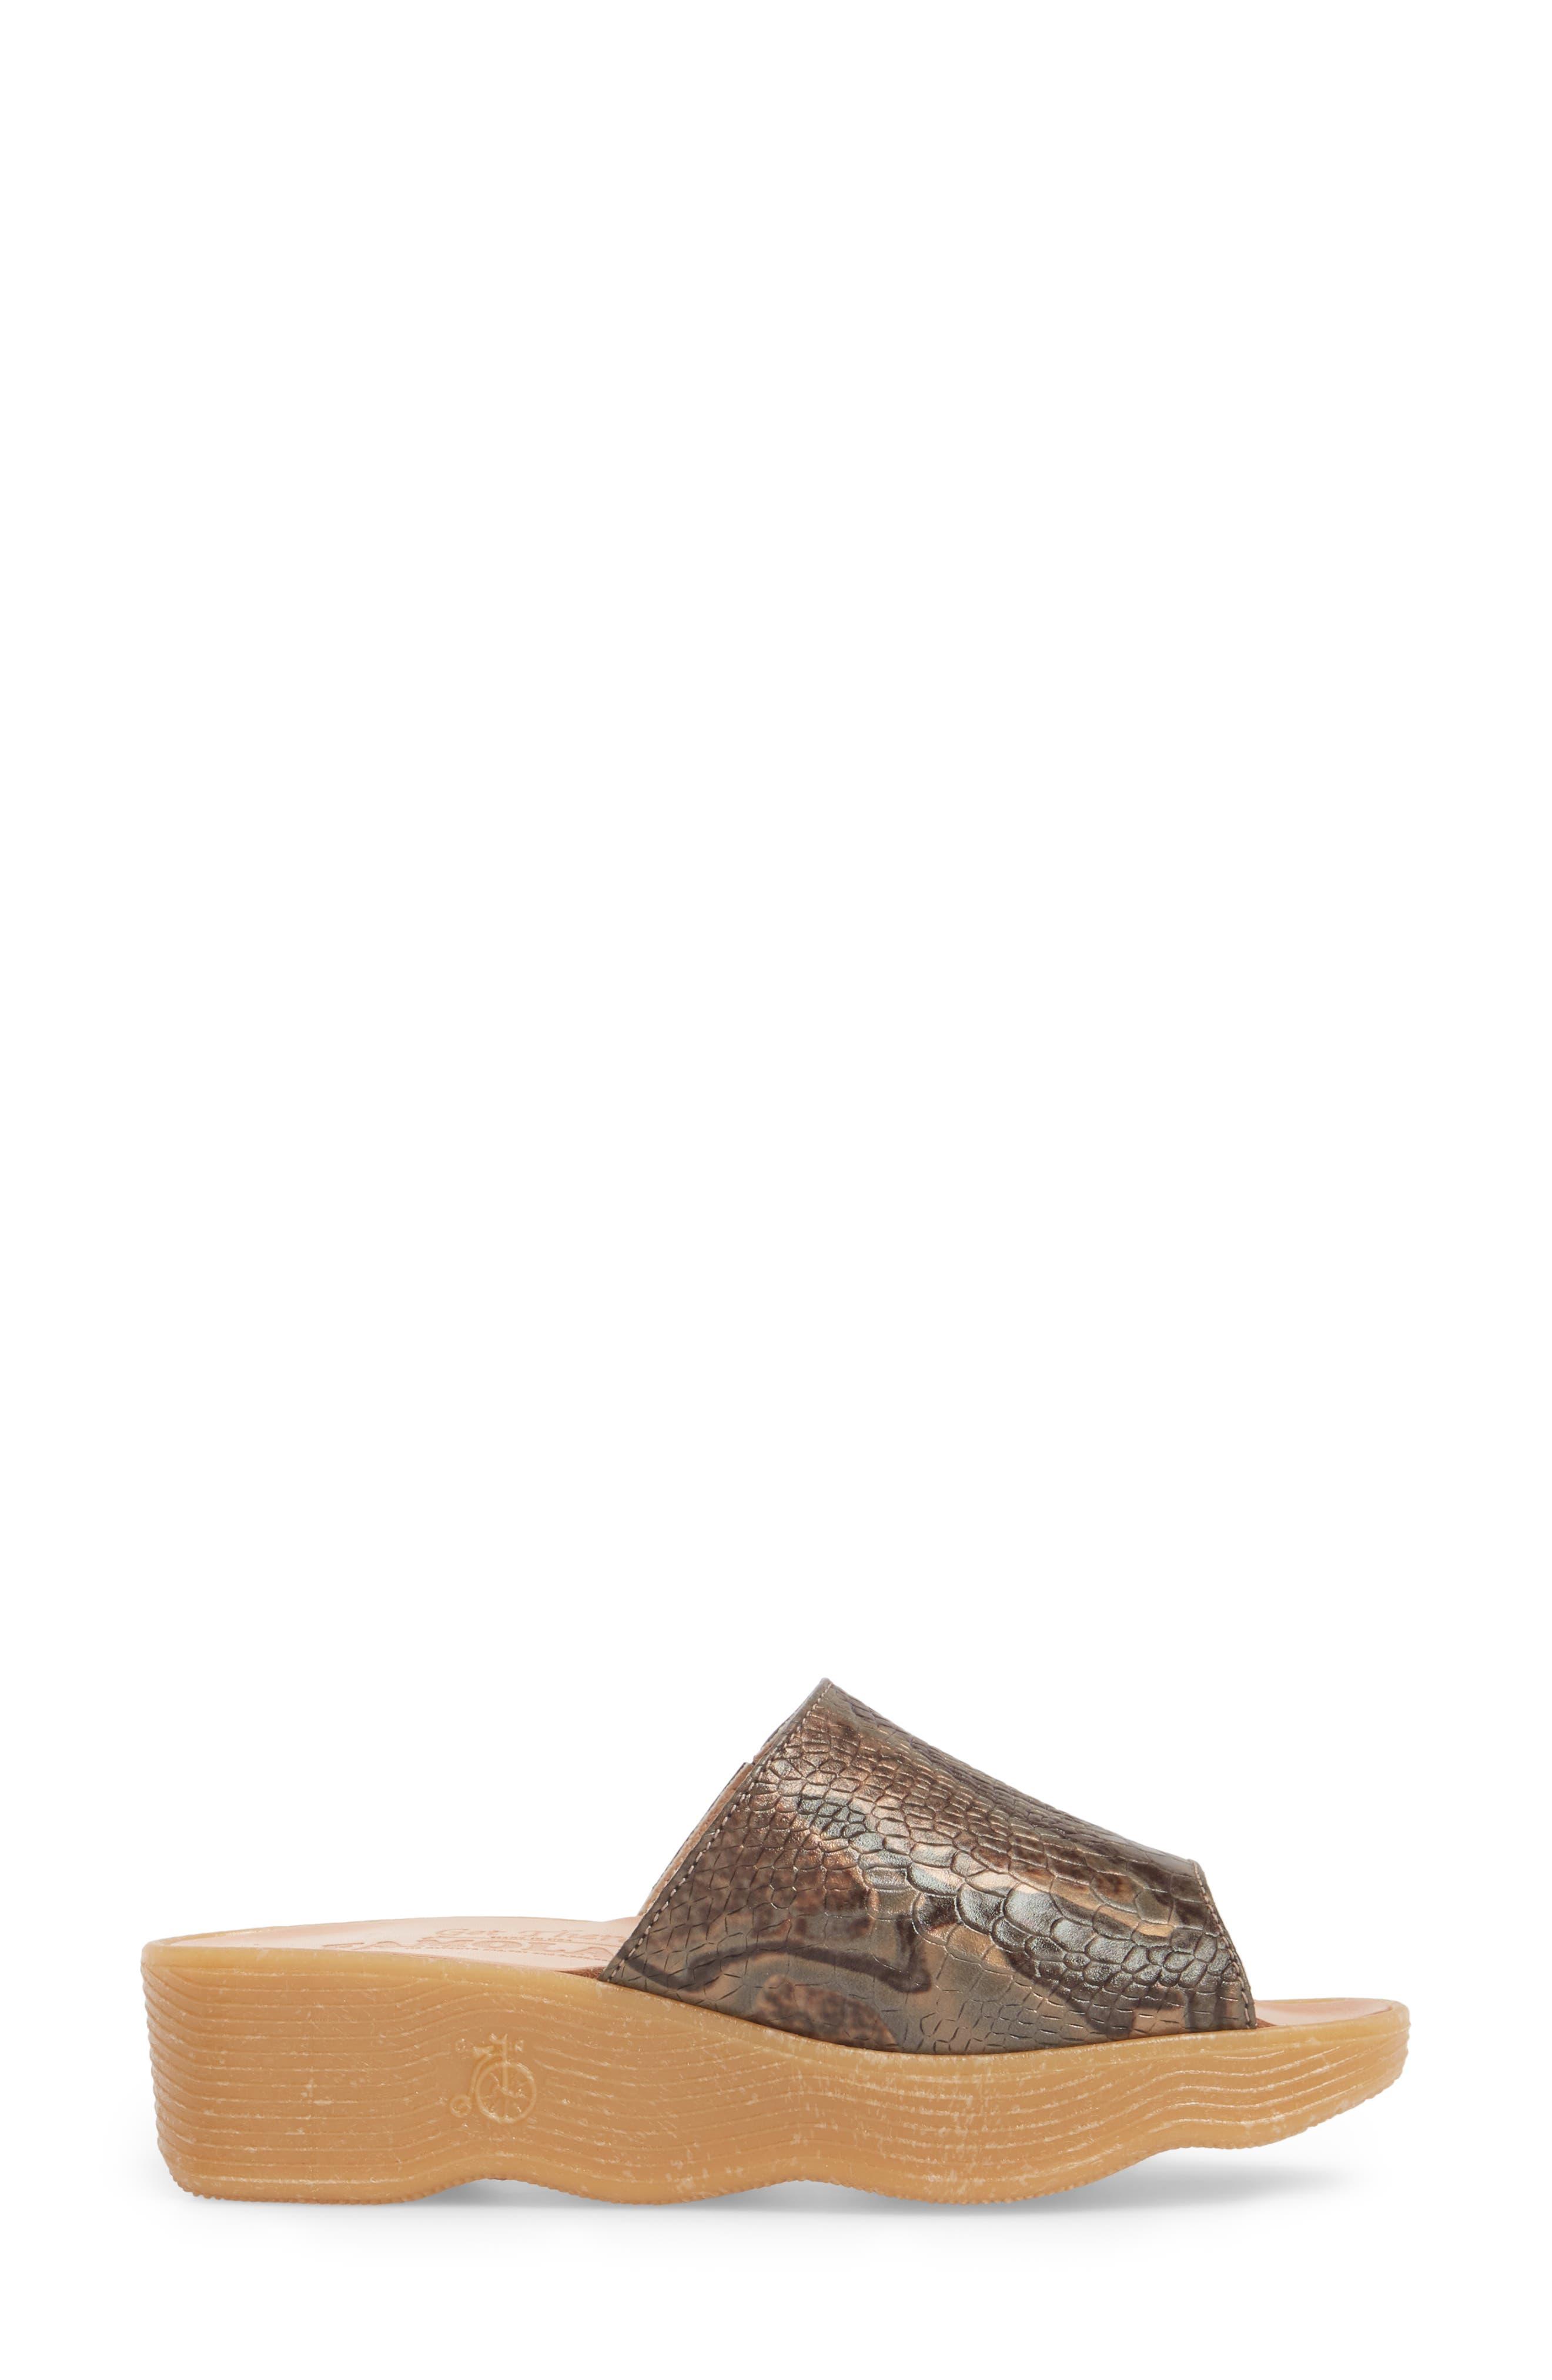 Slide N Sleek Wedge Slide Sandal,                             Alternate thumbnail 3, color,                             Snake Leather